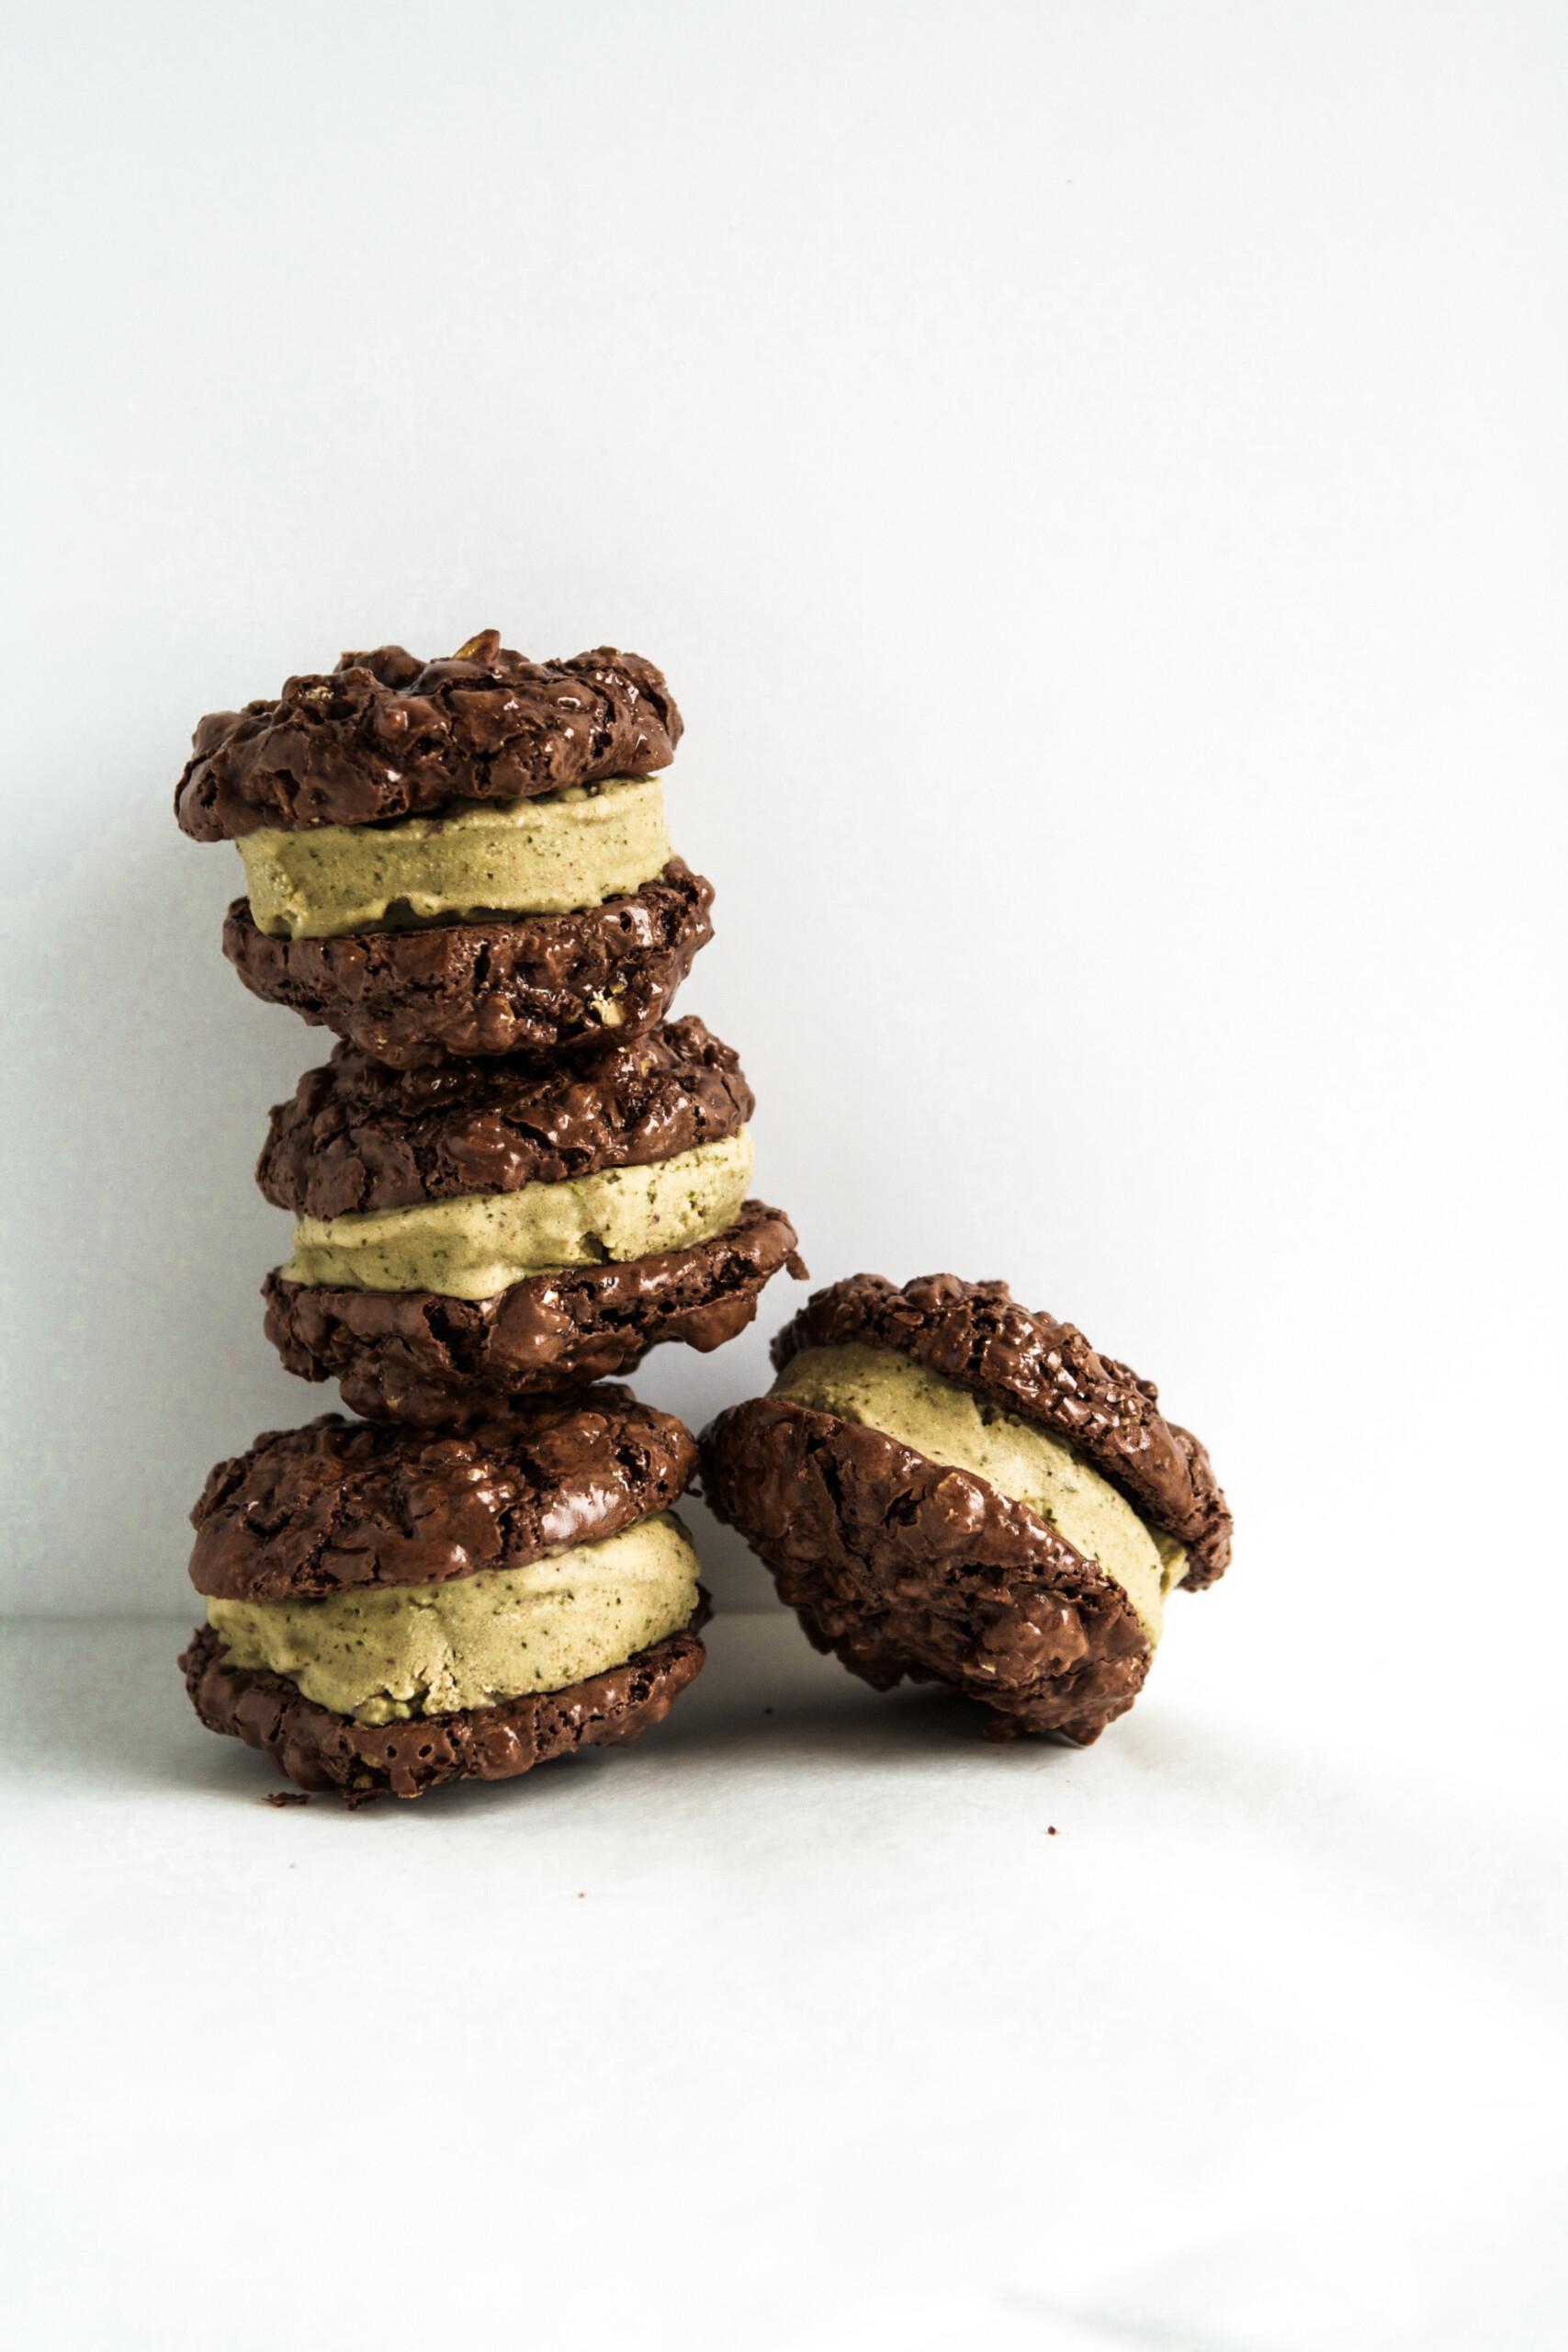 [Dairy-Free & Gluten-Free] Mint & Chocolate Ice Cream Sandwich Cookies | Zestful Kitchen